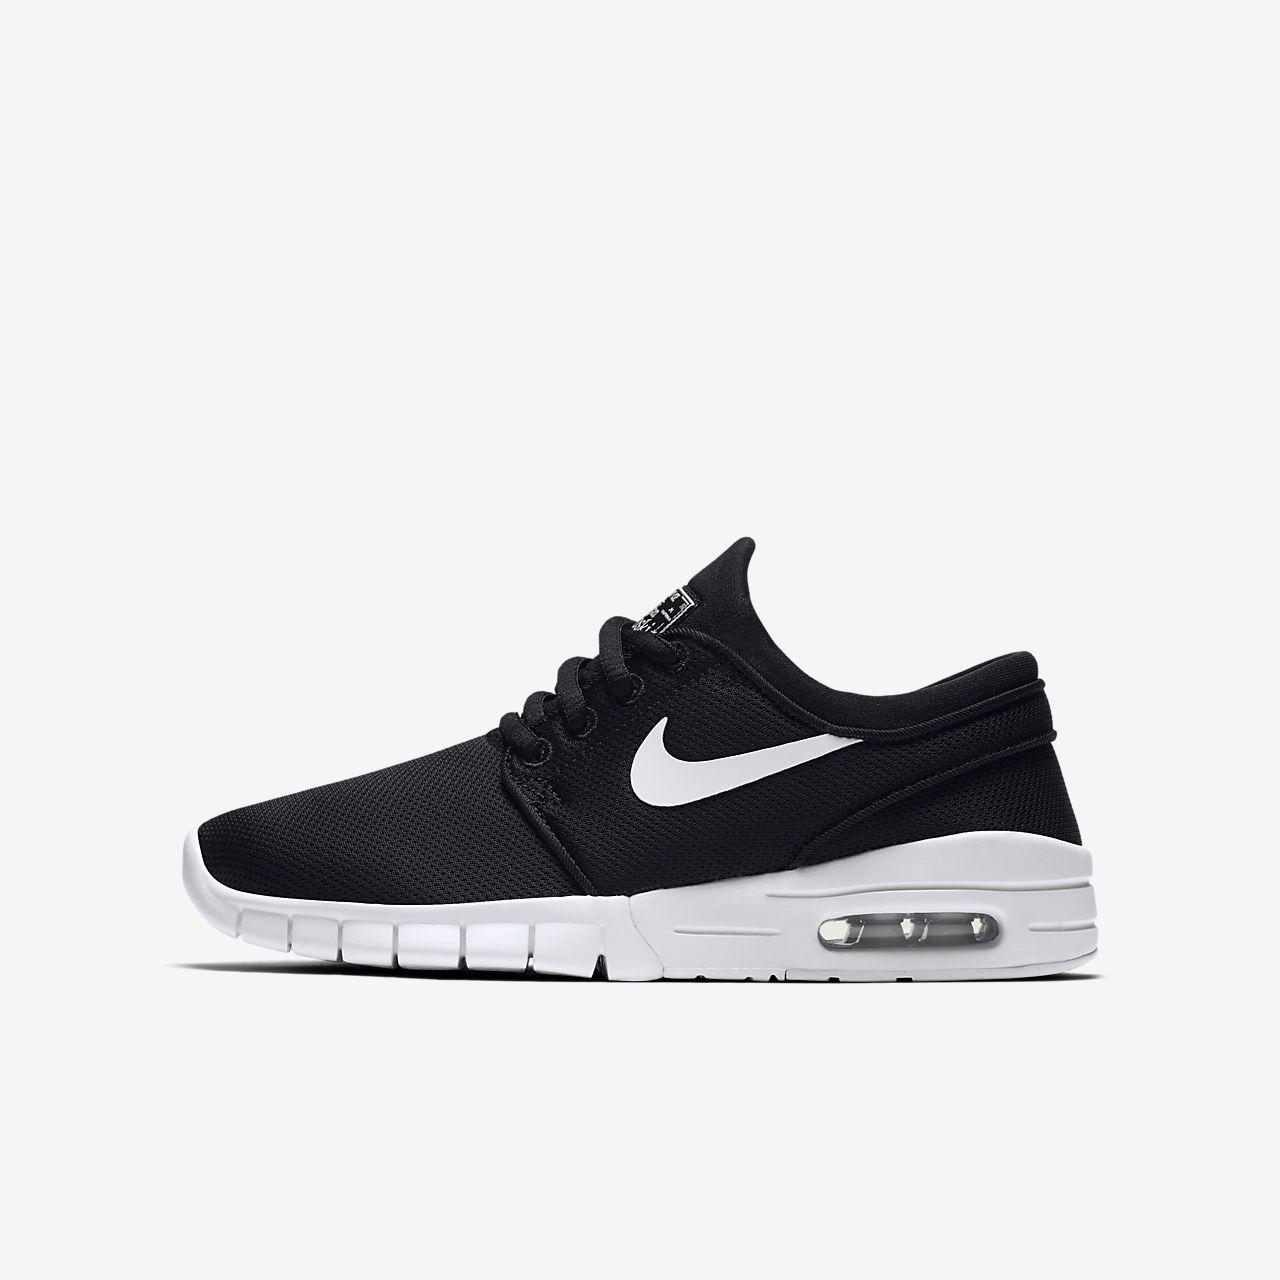 Chaussures Nike Stefan Janoski noires garçon Xithx5D8